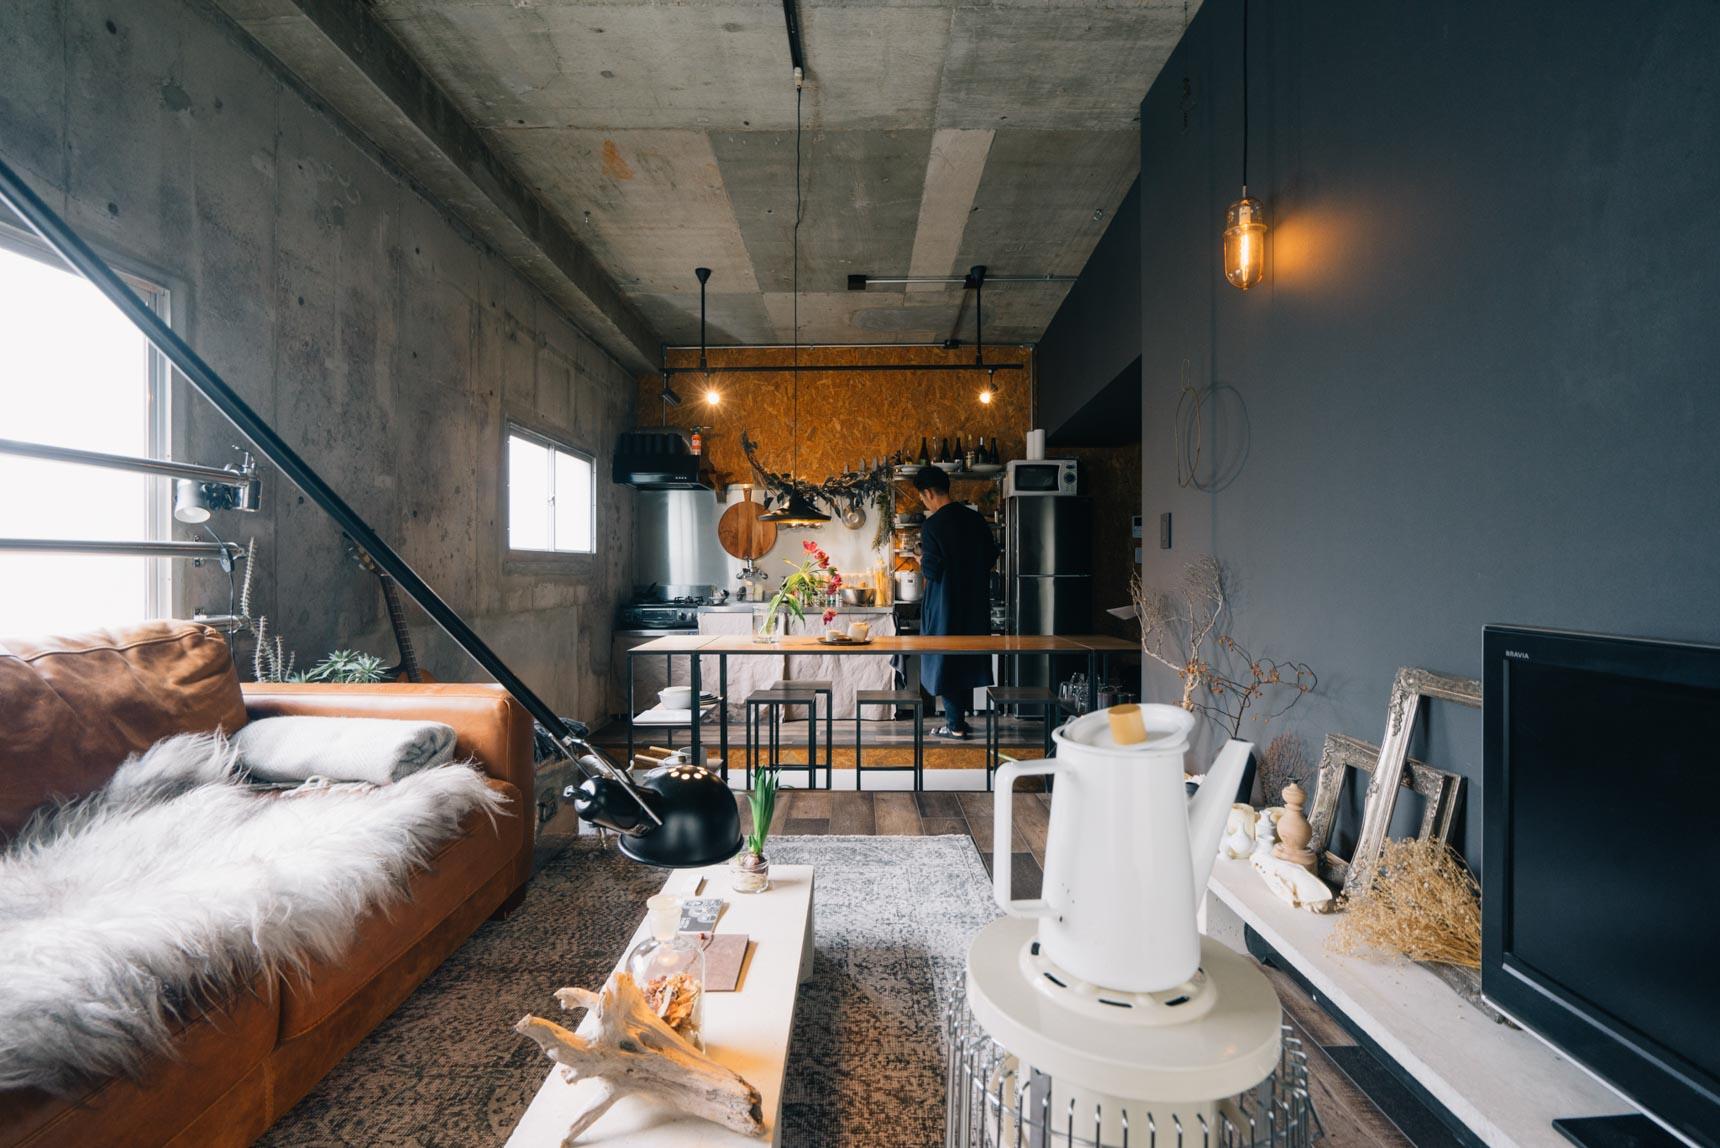 こちらもちょっと番外編。元々壁紙が設えてあったお部屋ですが、コンクリート壁とブルーグレーの相性が良い事例ですね。暗めの色を選ぶと、お部屋の印象も暗くなると思いがちですが、かっこよさがあるので、普通の物件ともまた違う印象に作り変えることができそうです。(このお部屋はこちら)